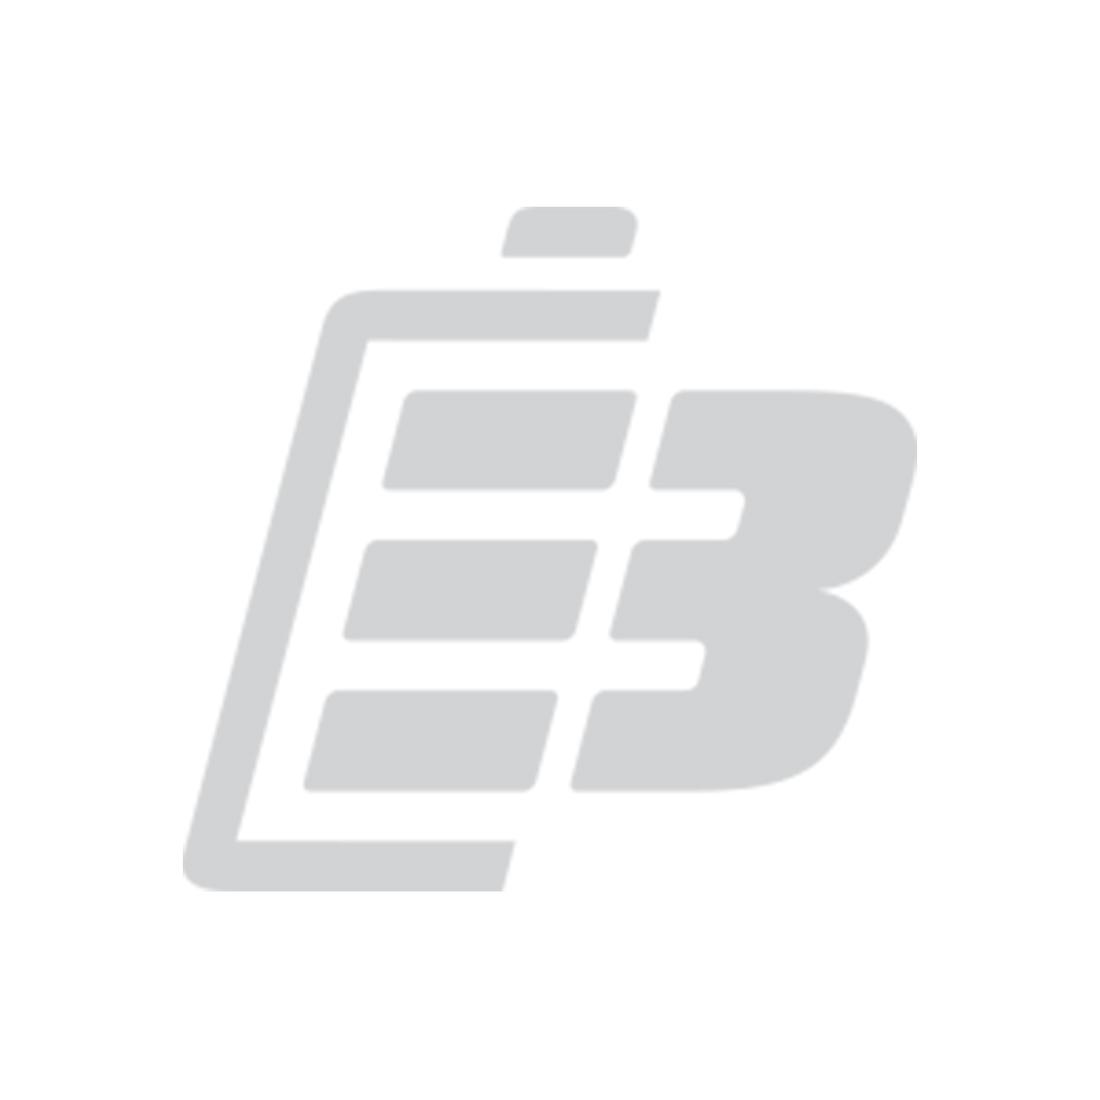 CSB Lead Acid Battery UPS123606 12V 6Ah